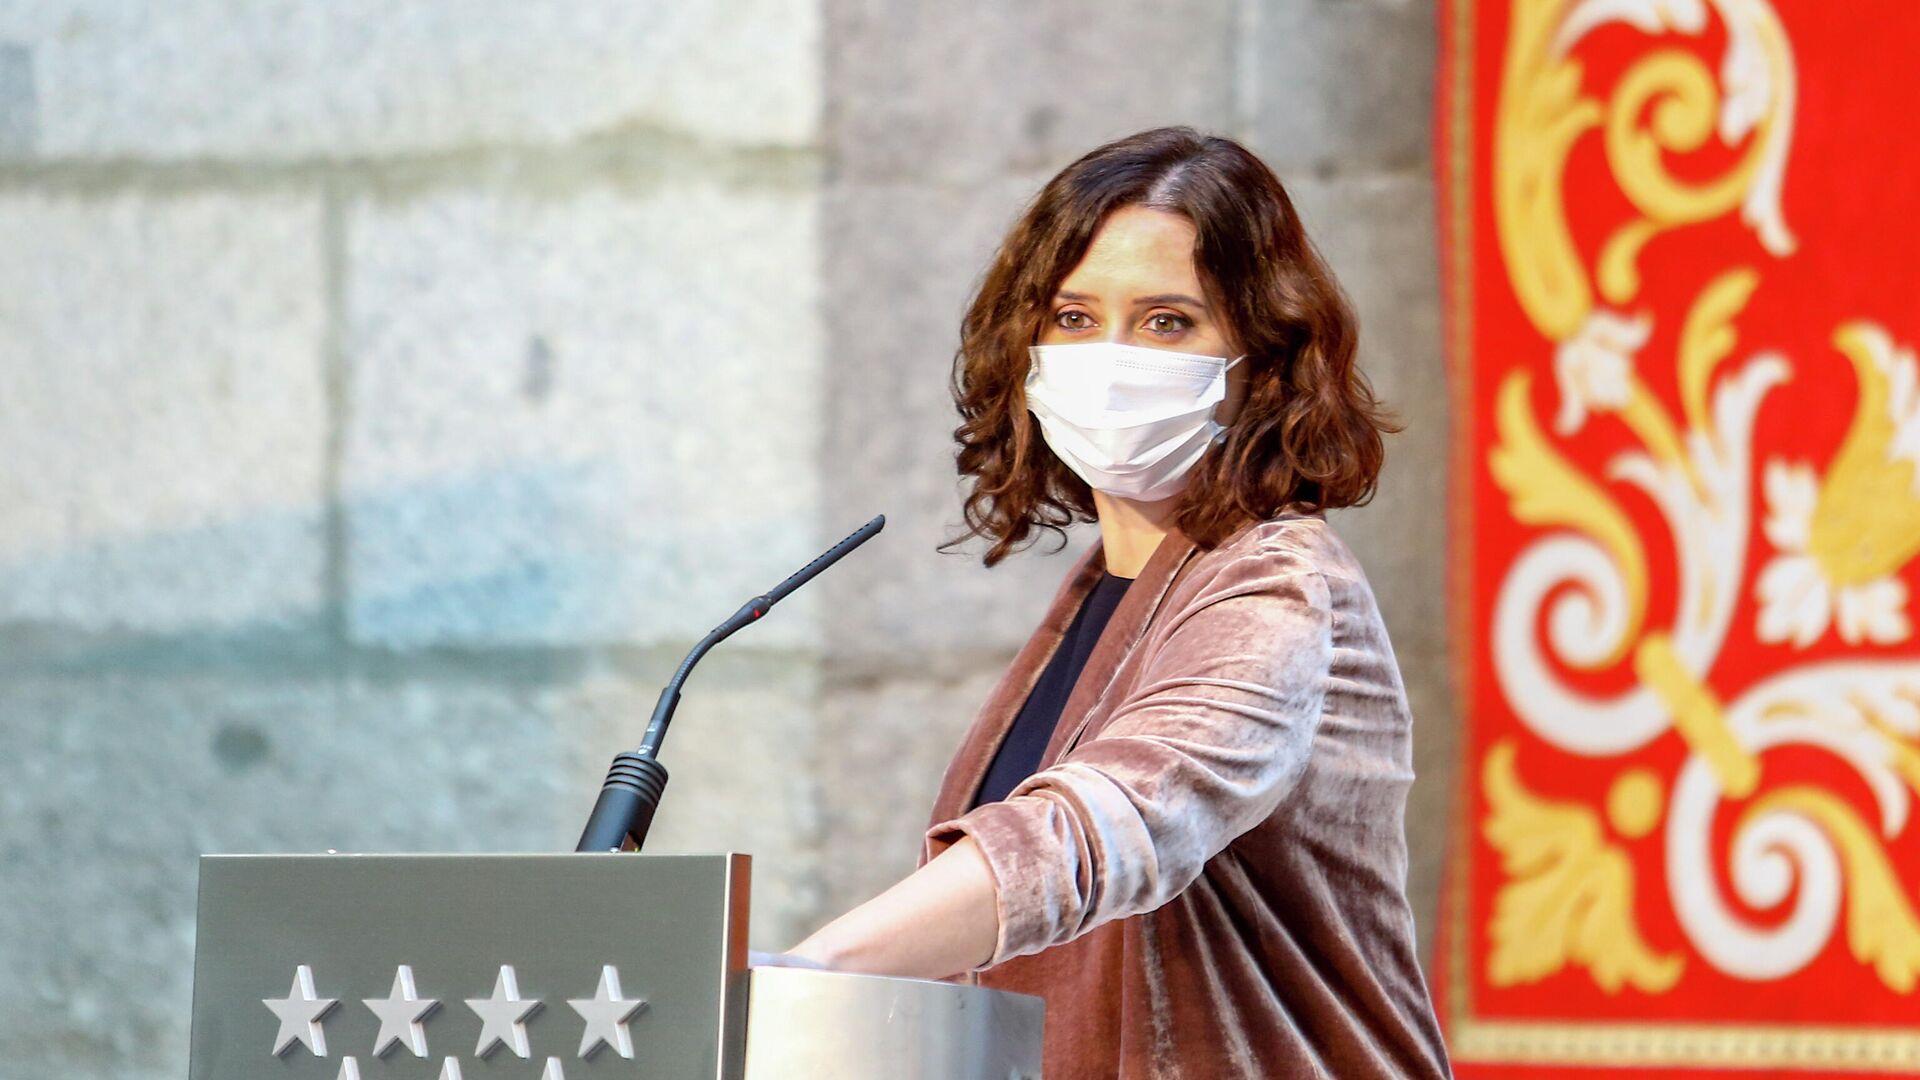 La presidenta de la Comunidad de Madrid, Isabel Díaz Ayuso, en una rueda de prensa - Sputnik Mundo, 1920, 10.03.2021